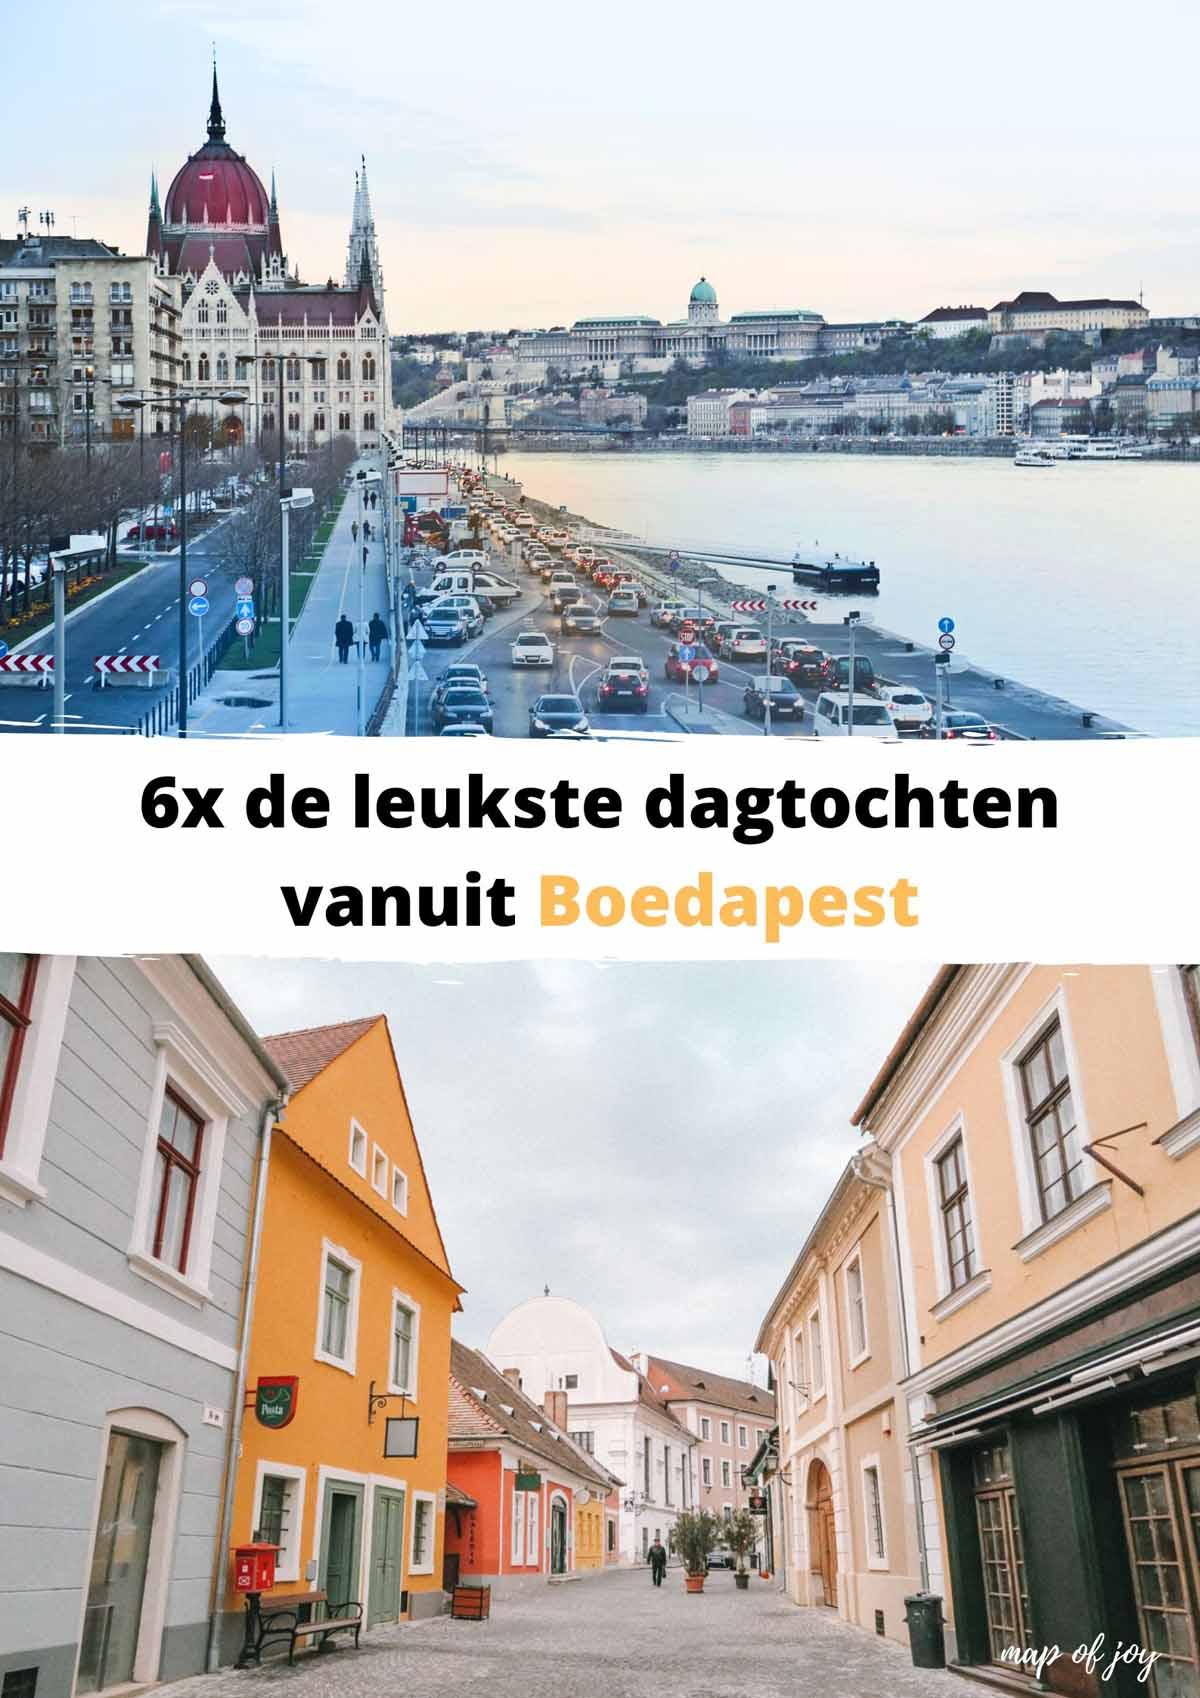 6x de leukste dagtochten vanuit Boedapest - Map of Joy